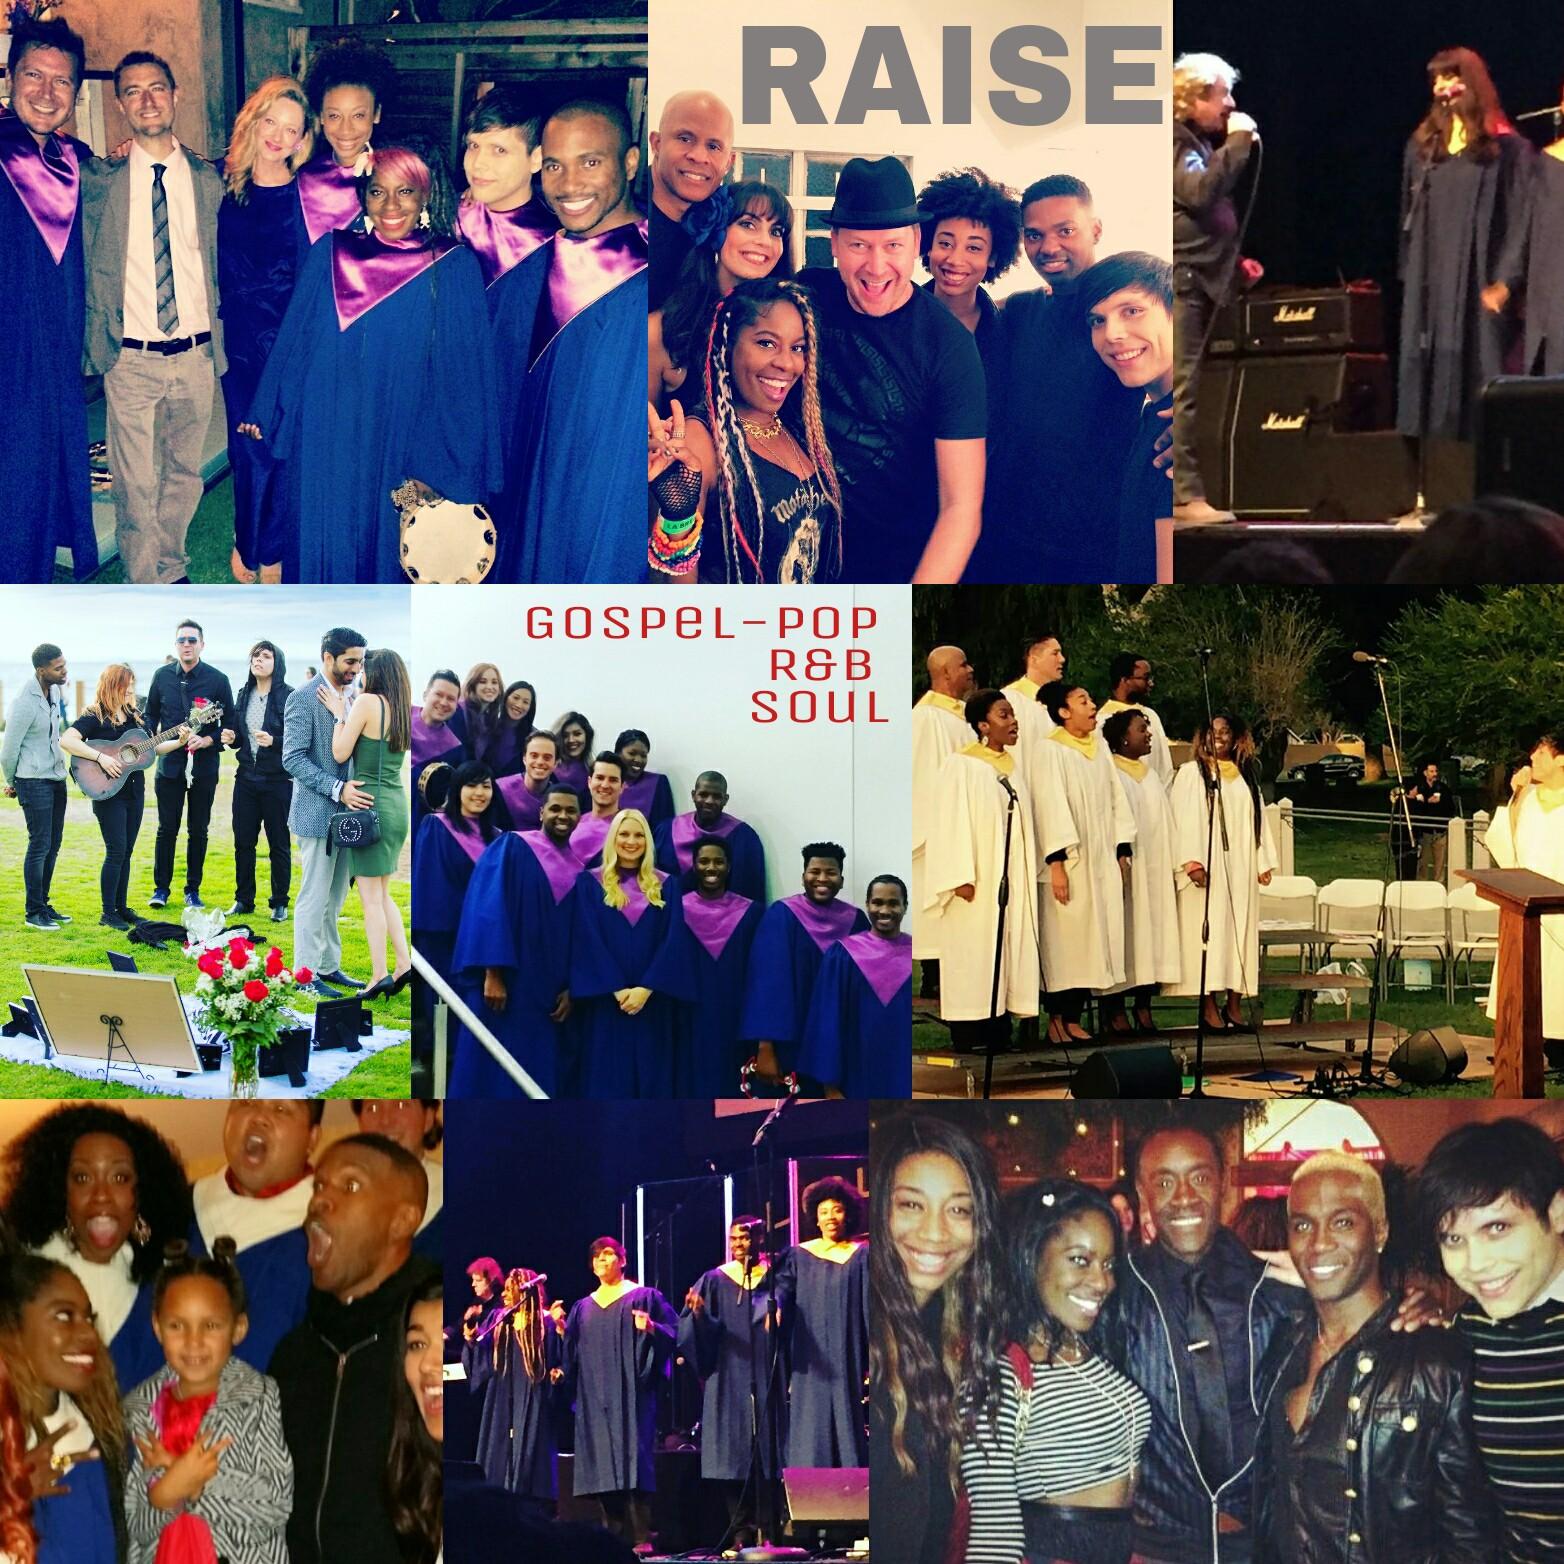 RAISE collage